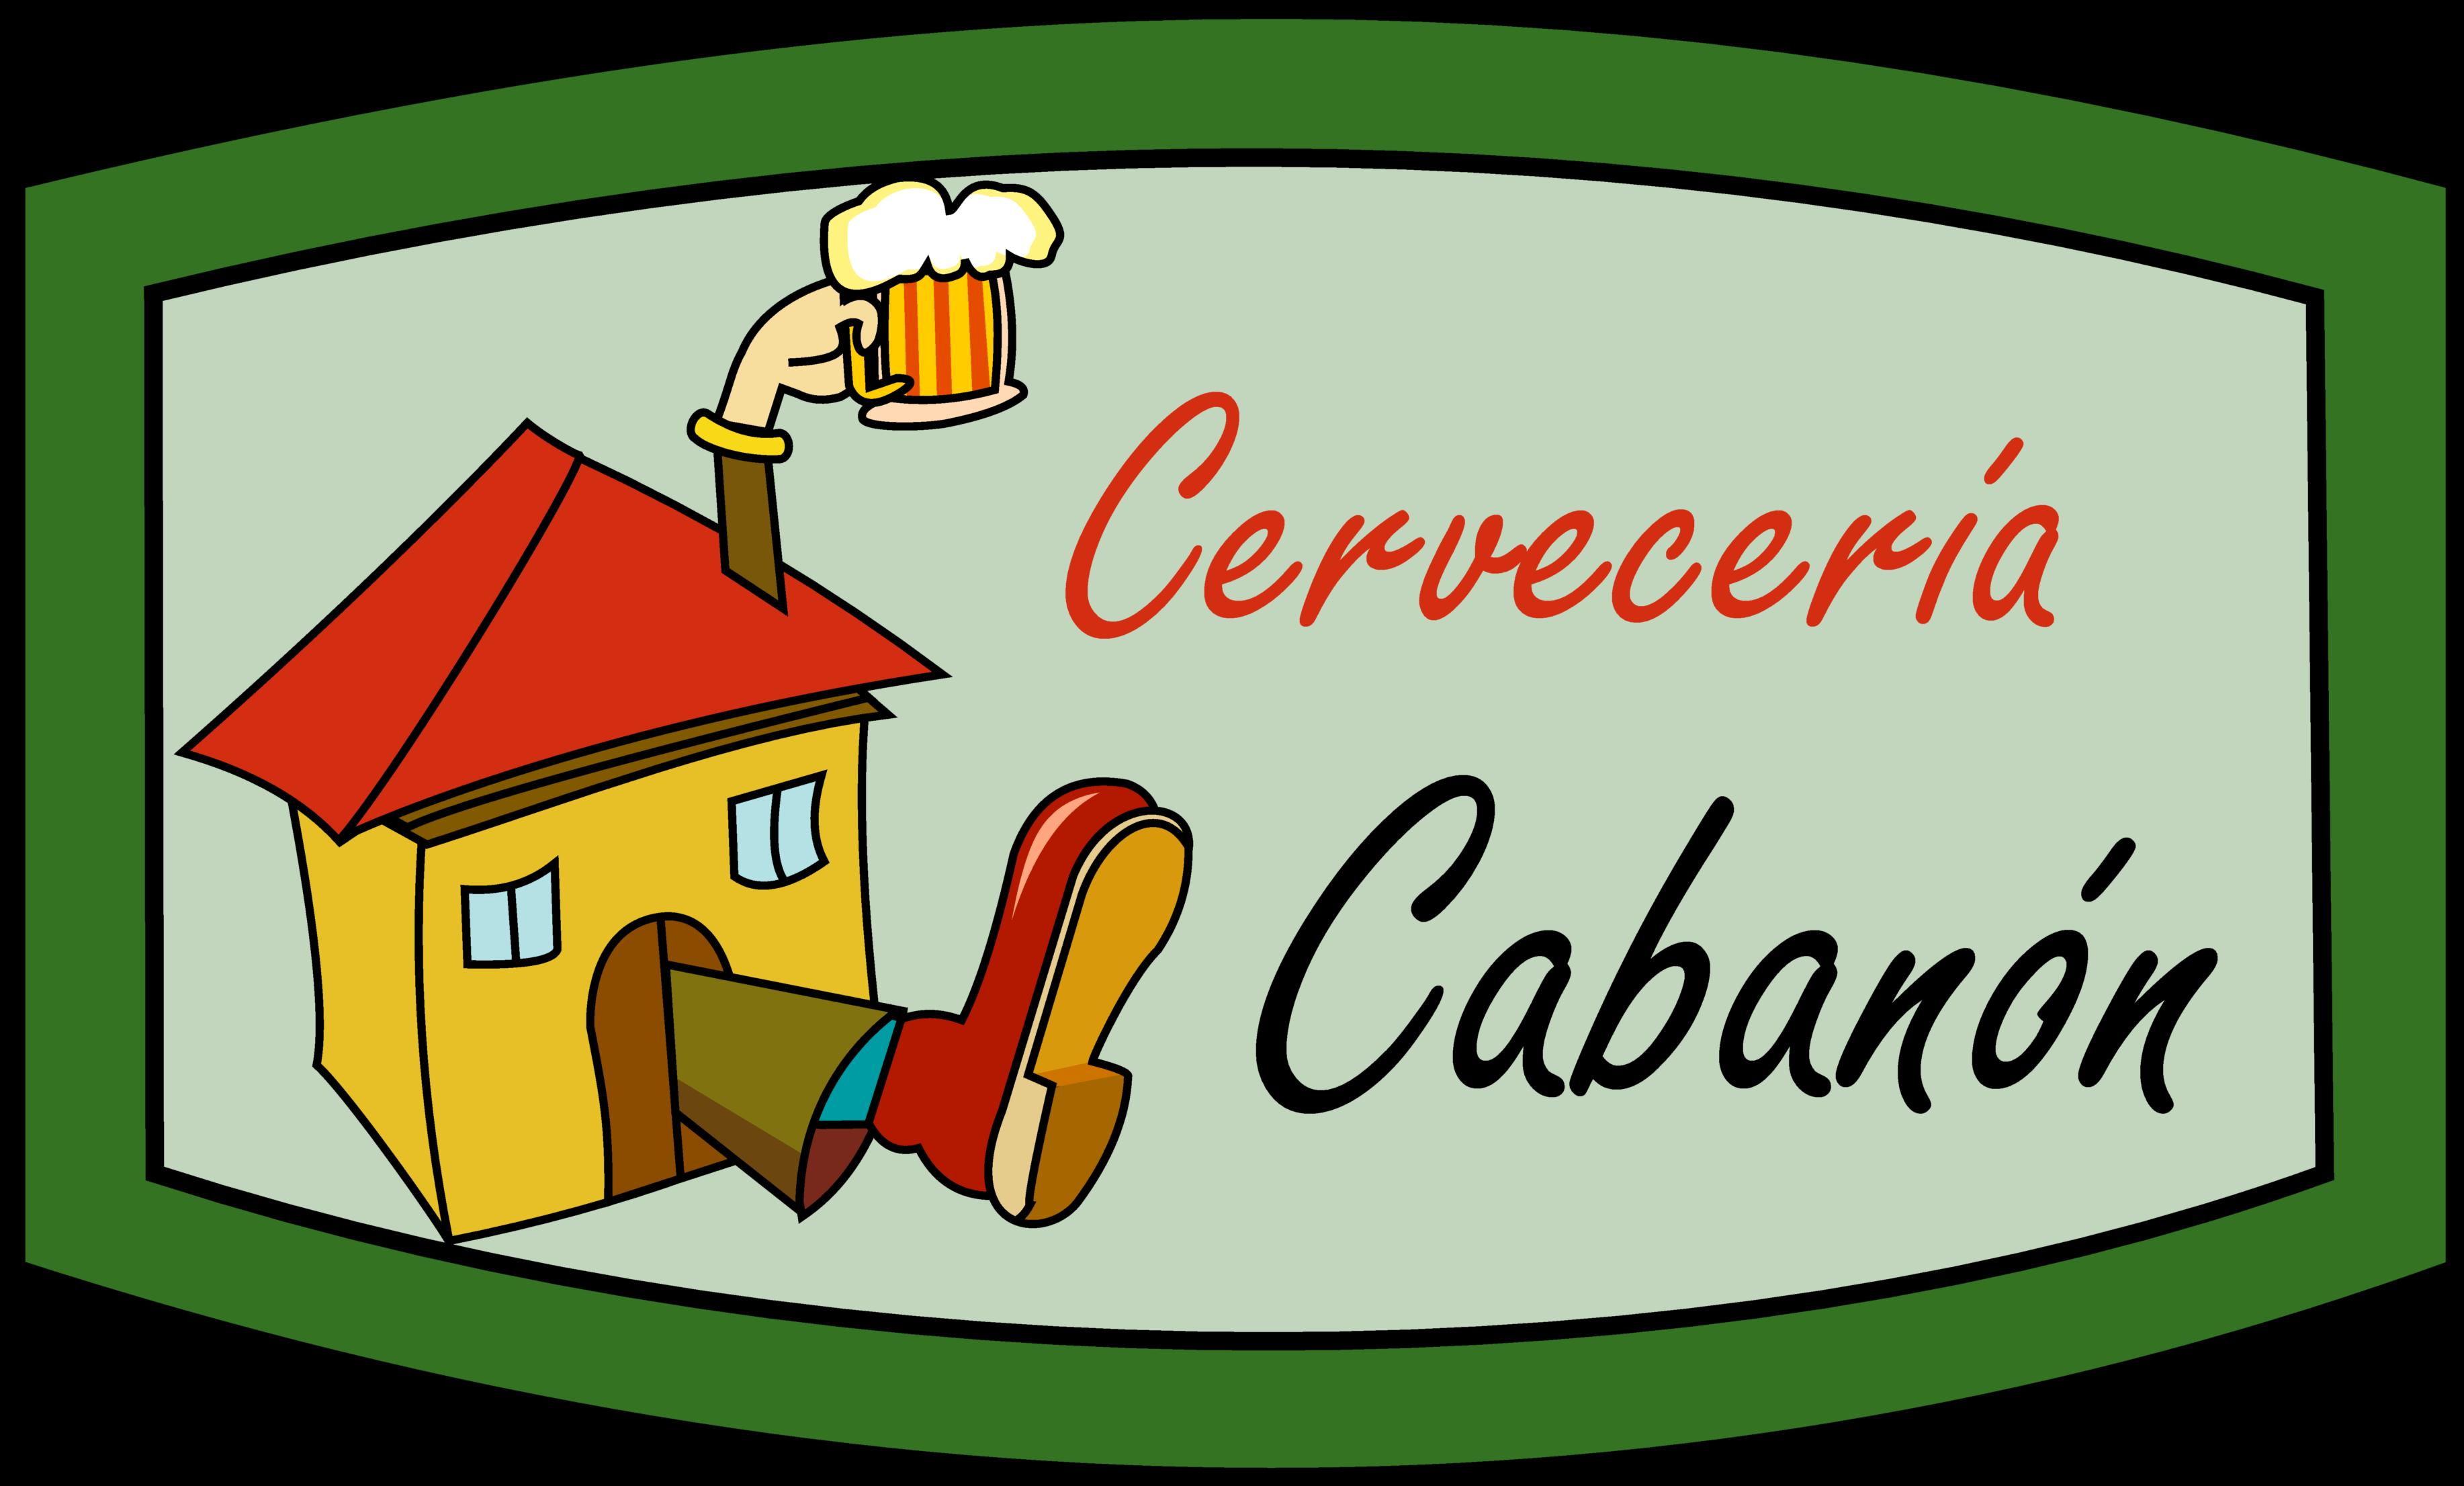 Cabanon